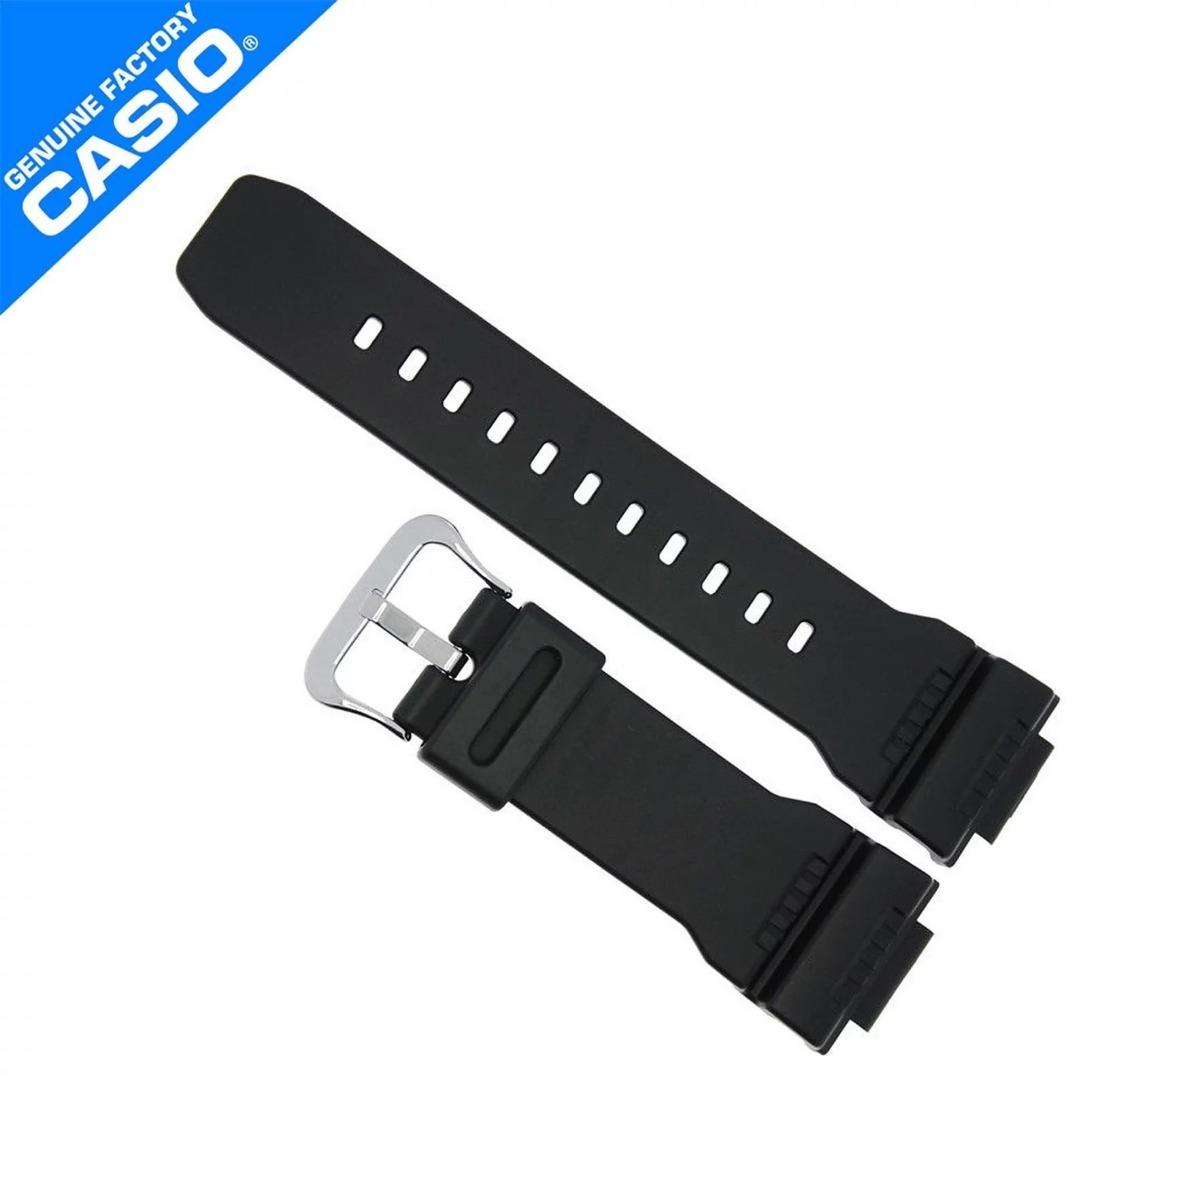 b3bbace0294 pulseira original casio g-shock g-7900 gw-7900 gw-7900b pt. Carregando zoom.